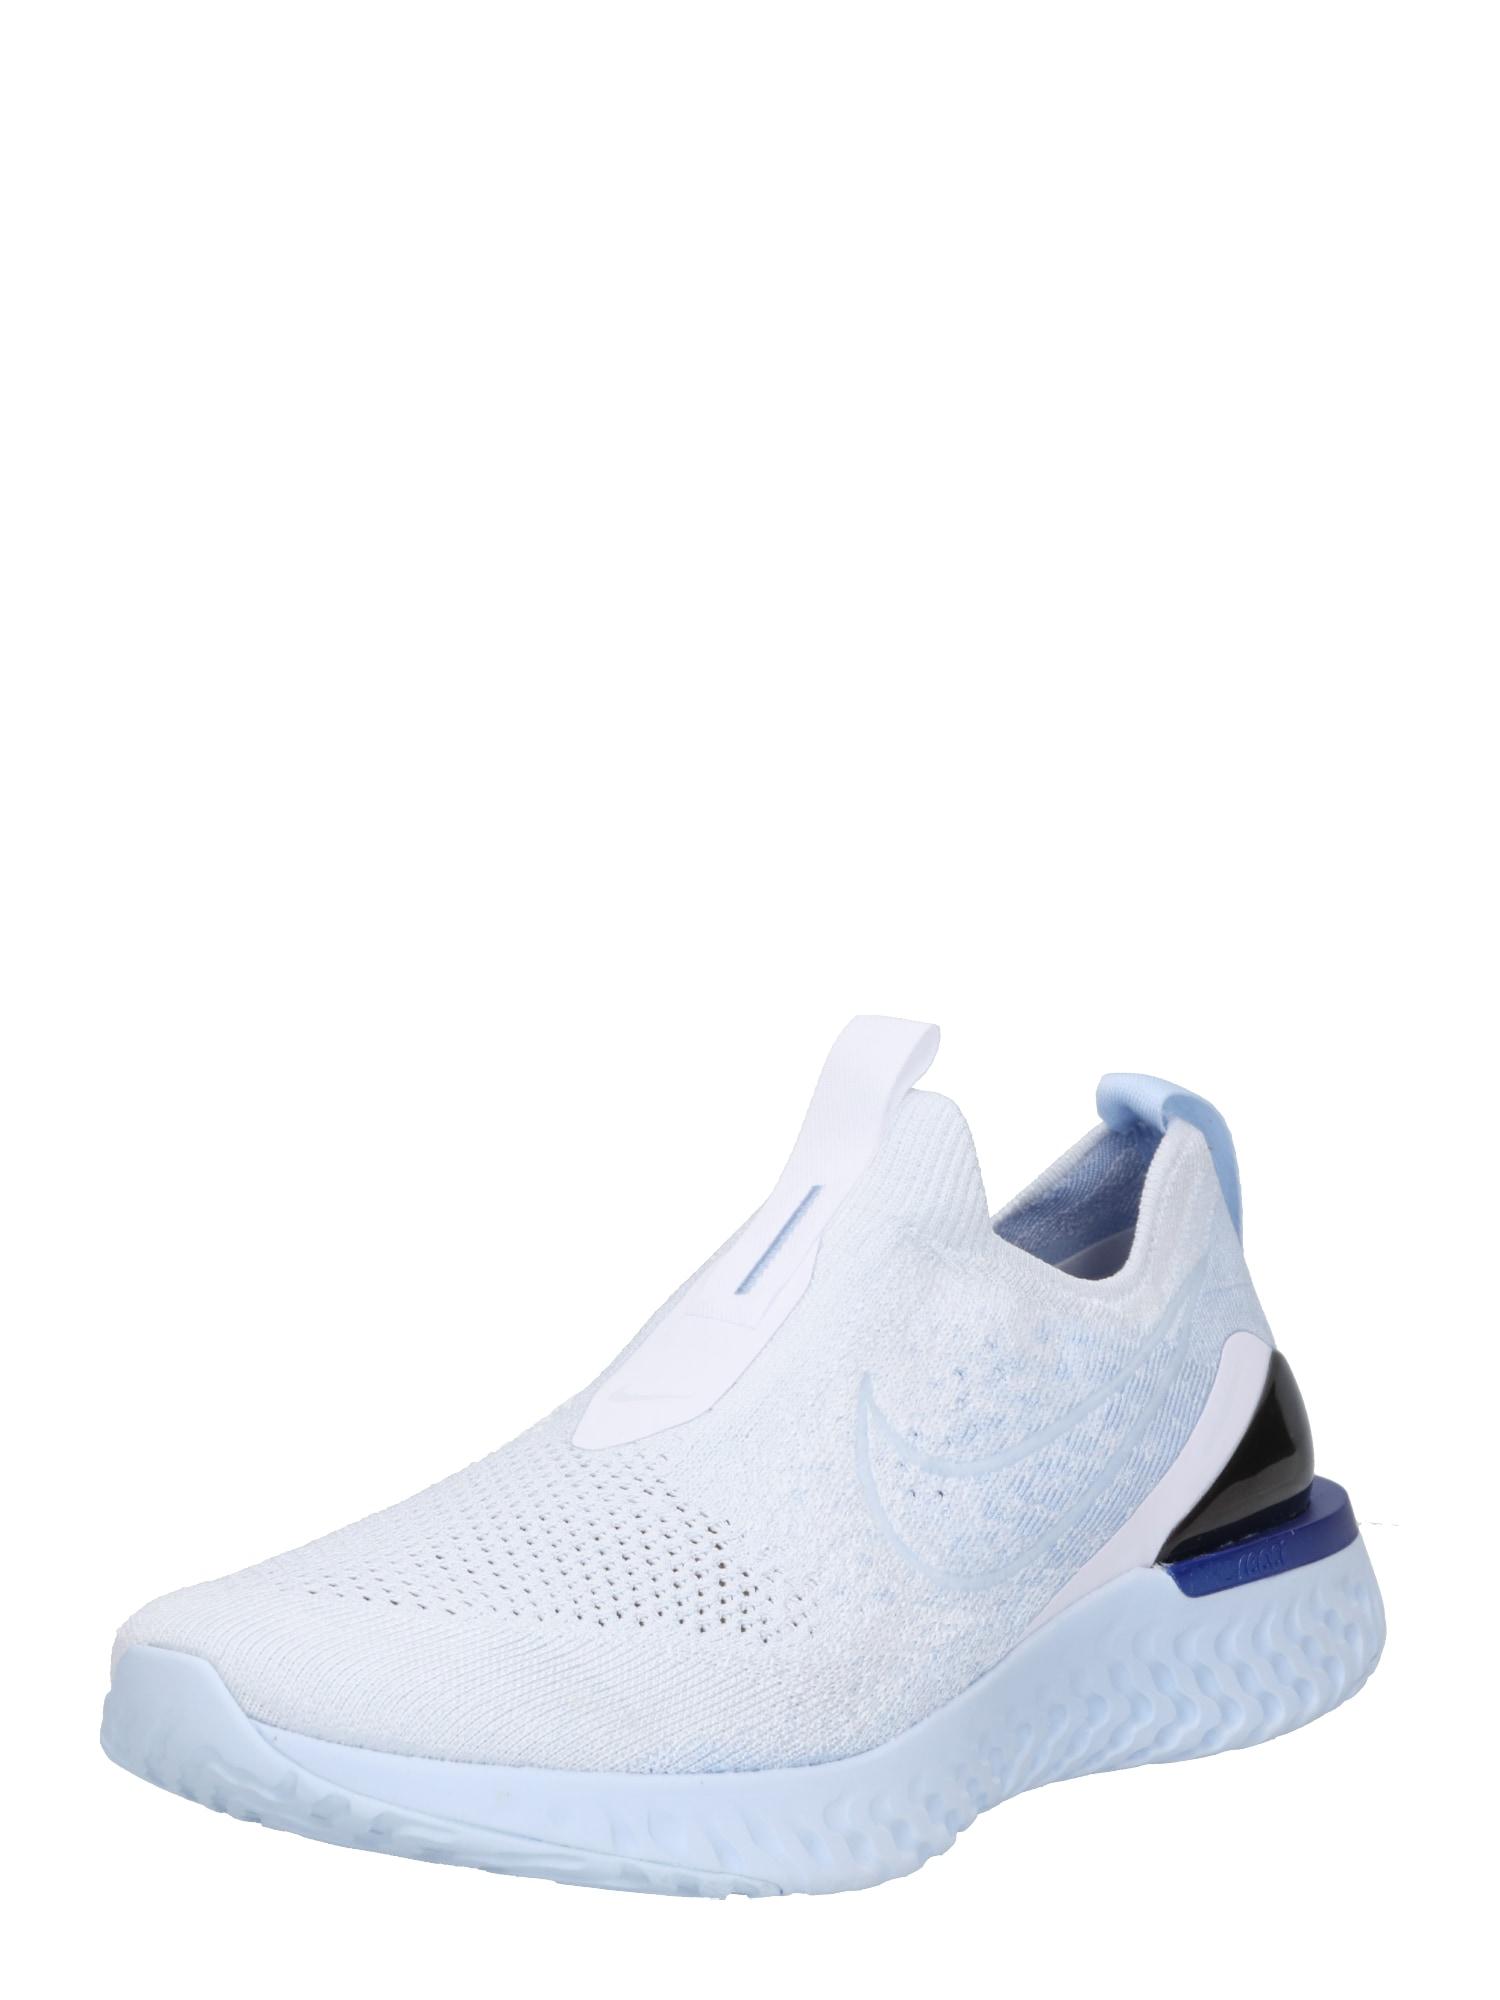 Běžecká obuv EPIC PHANTOM REACT FK krémová fialová NIKE